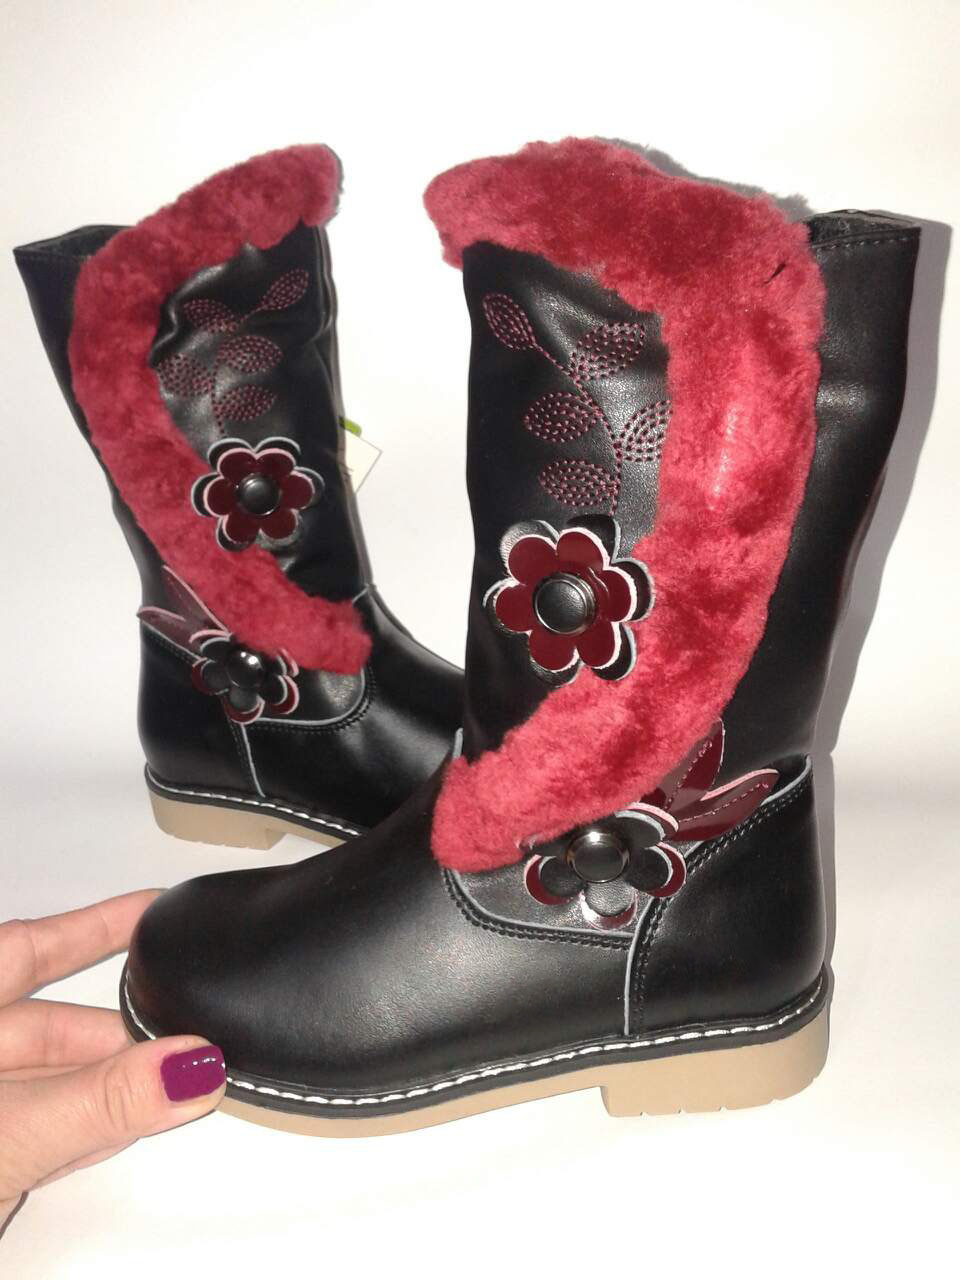 1e0f795186aa4d Зимние детские кожаные сапоги ботинки для девочки, Шалунишка Ортопед 27-31  - Vitamoda в